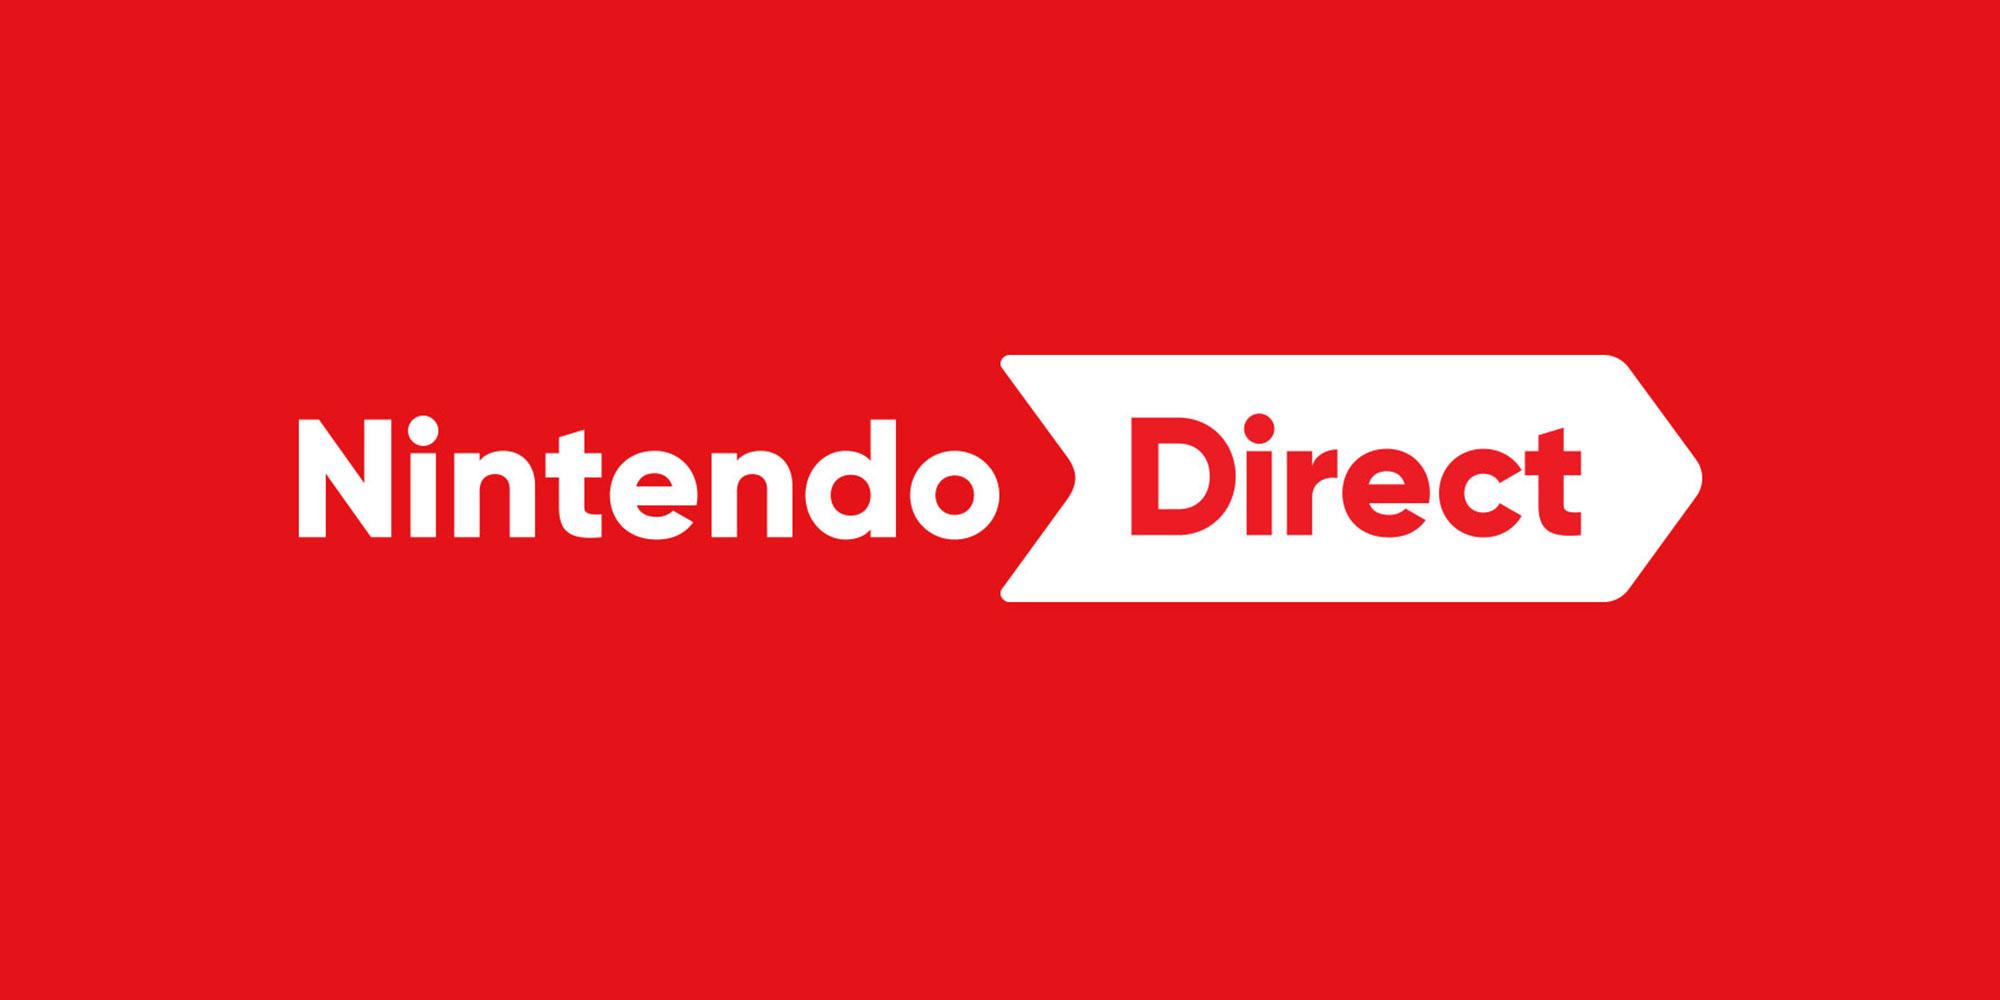 Nuovo Nintendo Direct domani 17 febbraio alle 23.00